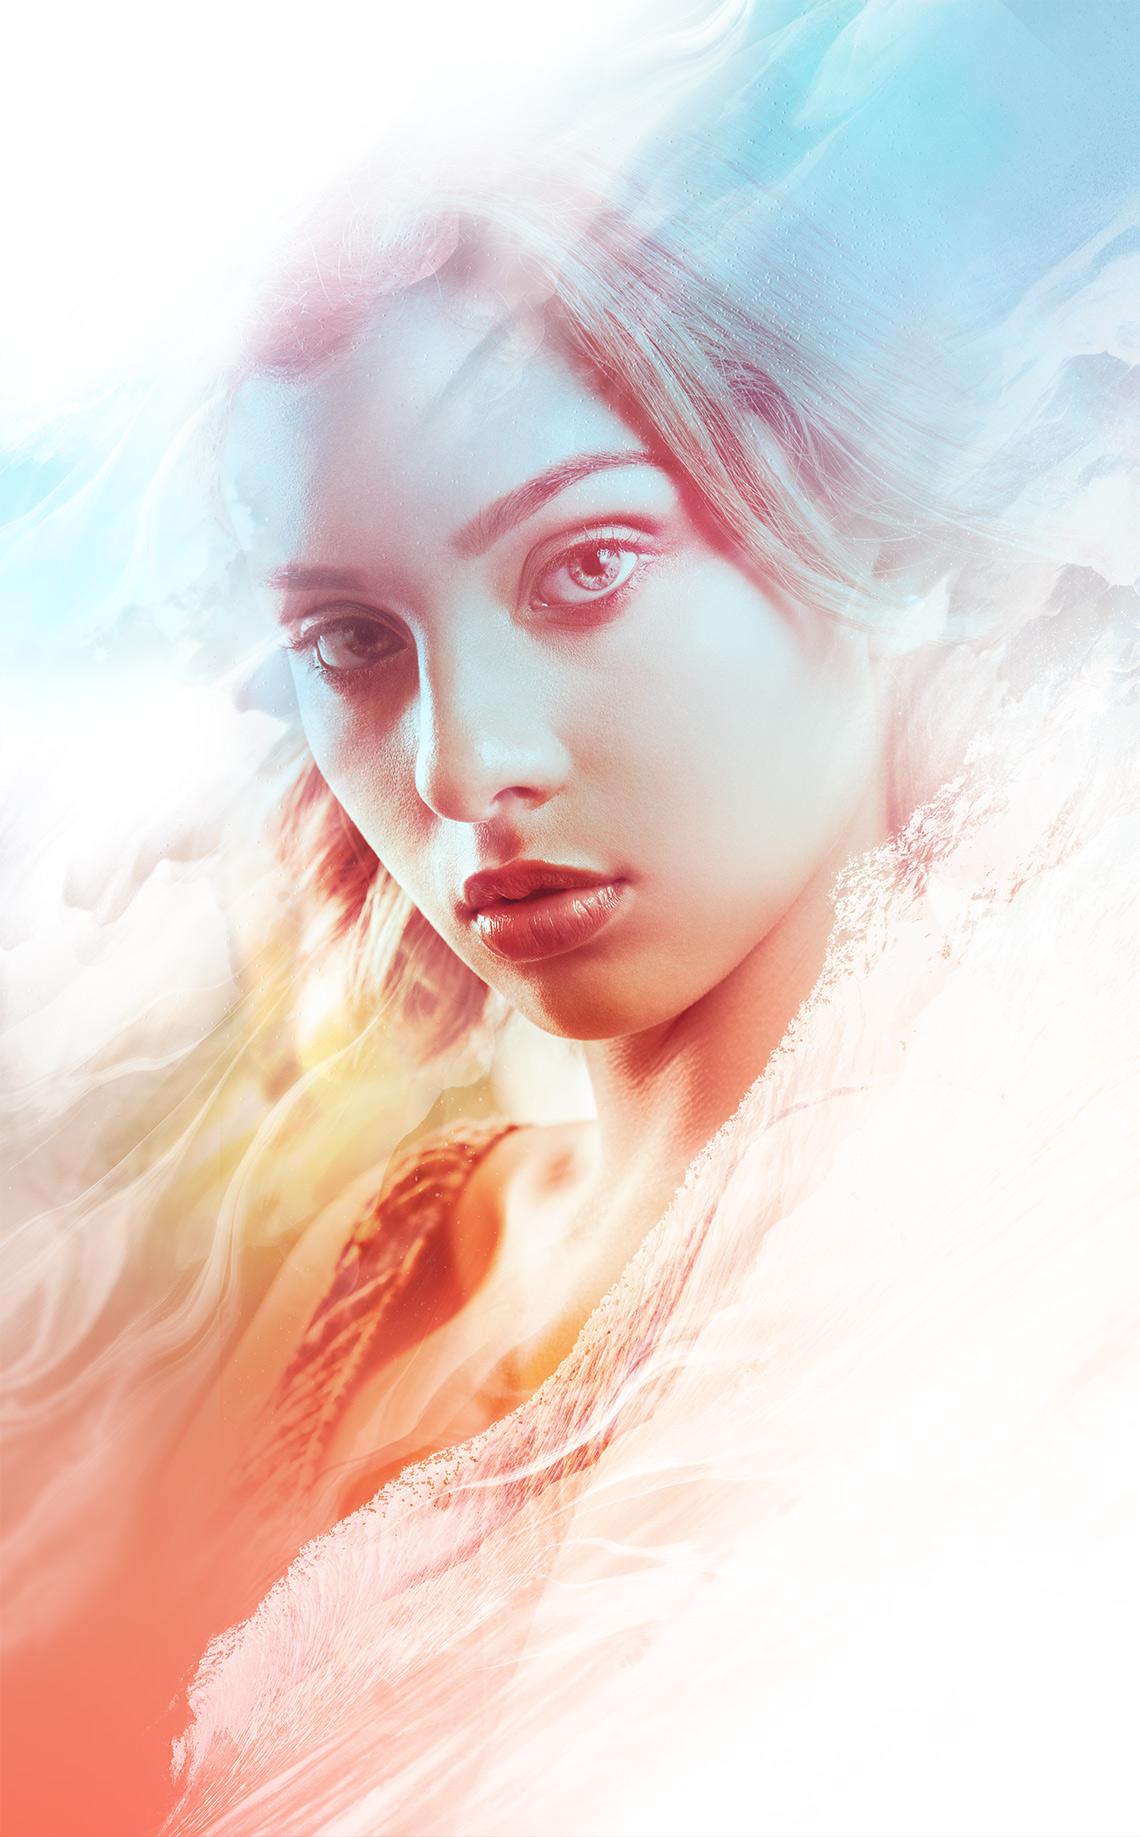 Arte Digital Fotografía de Retrato Cali y diseño Raven.artd